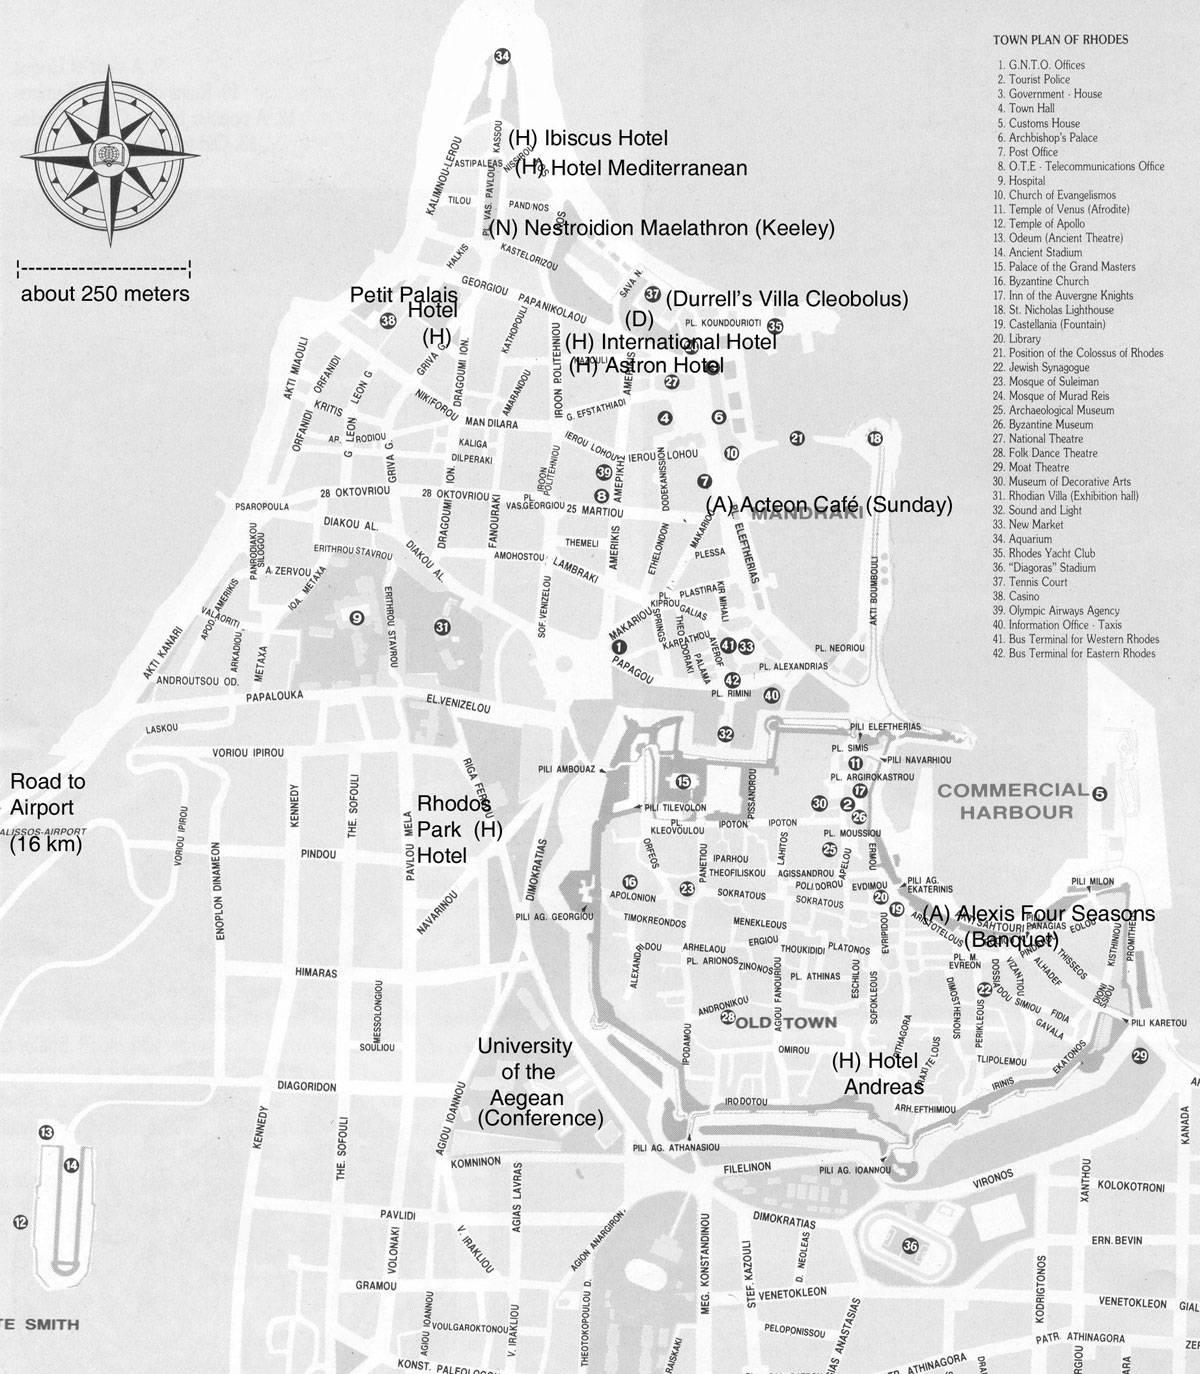 Rhodos Karte Flughafen.Stadtplan Von Rhodos Detaillierte Gedruckte Karten Von Rhodos